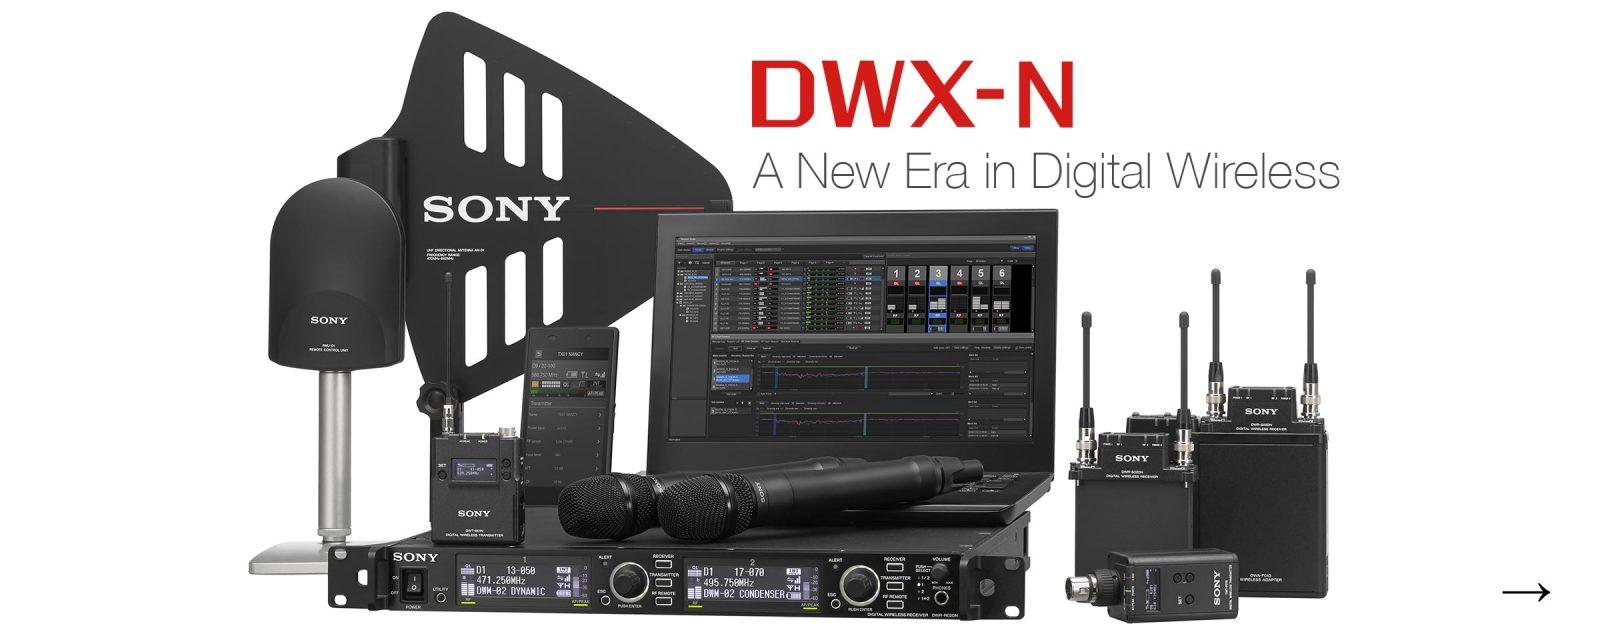 Sony DWX-N Digital Wireless